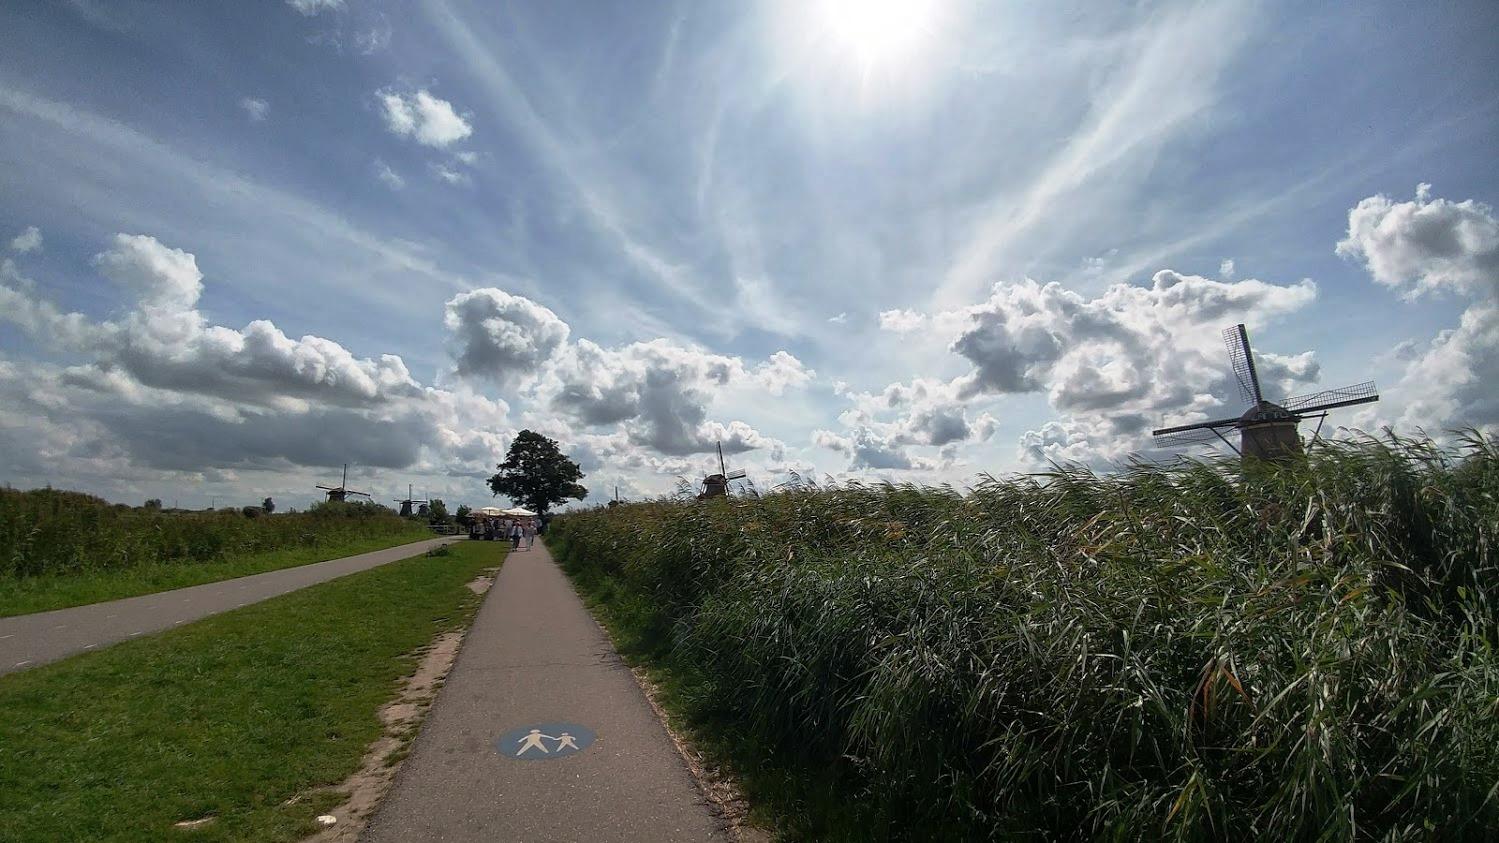 שביל אופניים בפארק תחנות הרוח בהולנד